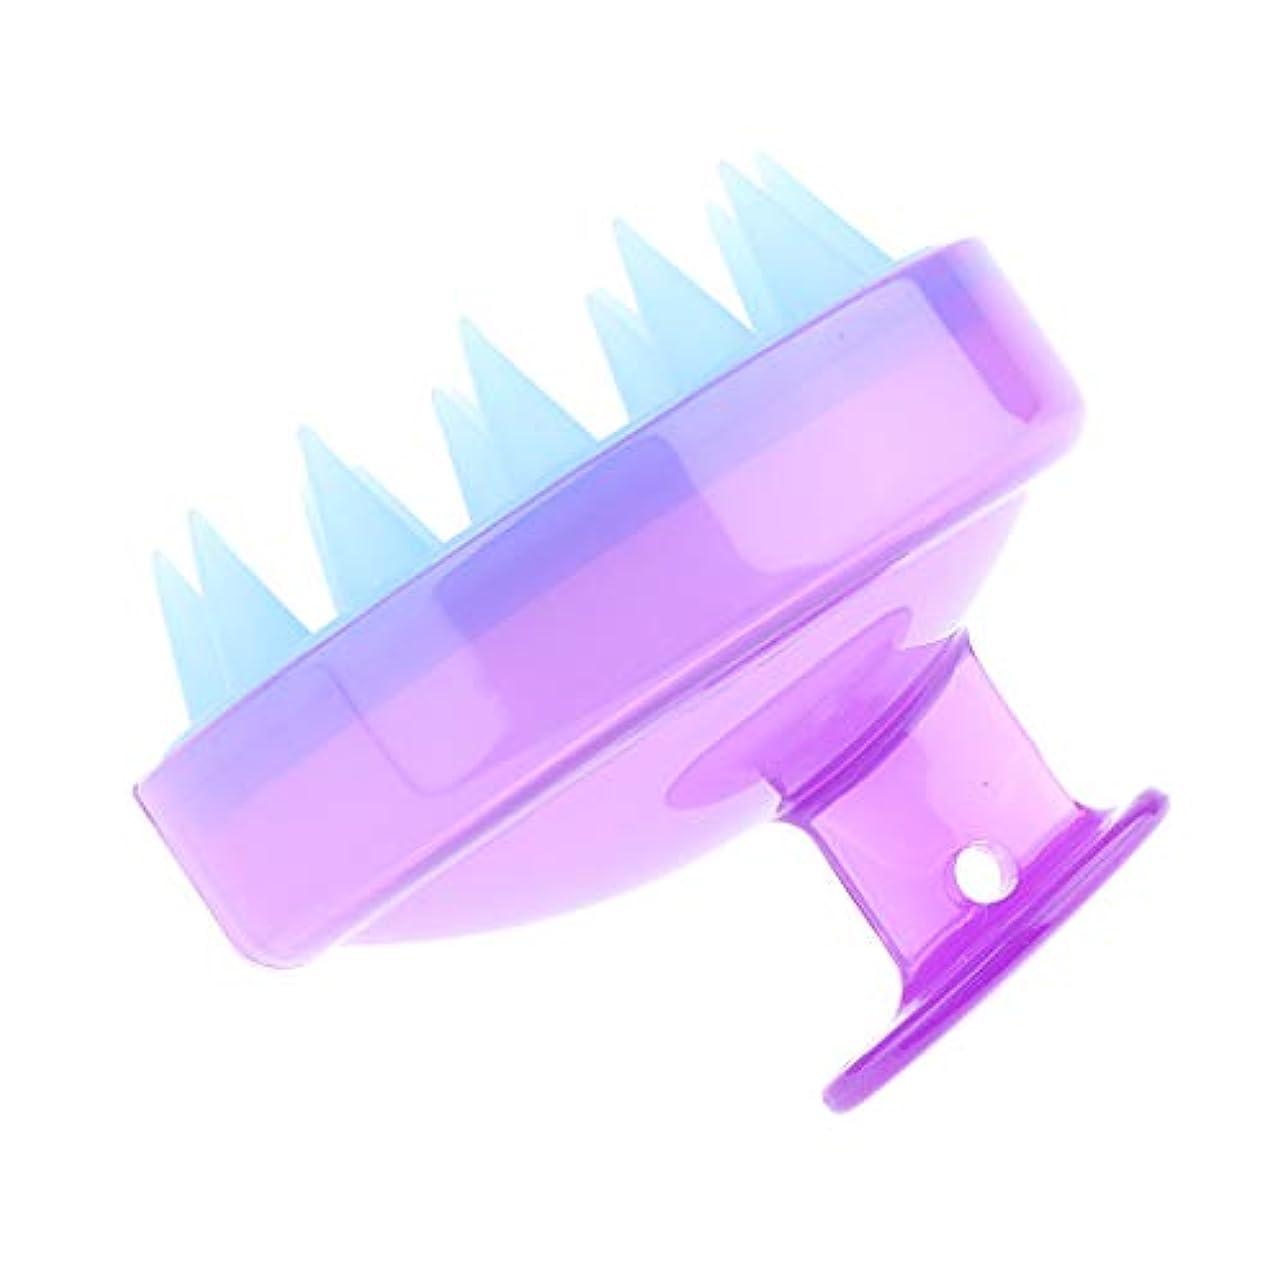 杭ニッケル支払いシリコン シャワーシャンプーブラシ マッサージャー 防水 超軽量 多色選べ - クリアパープル